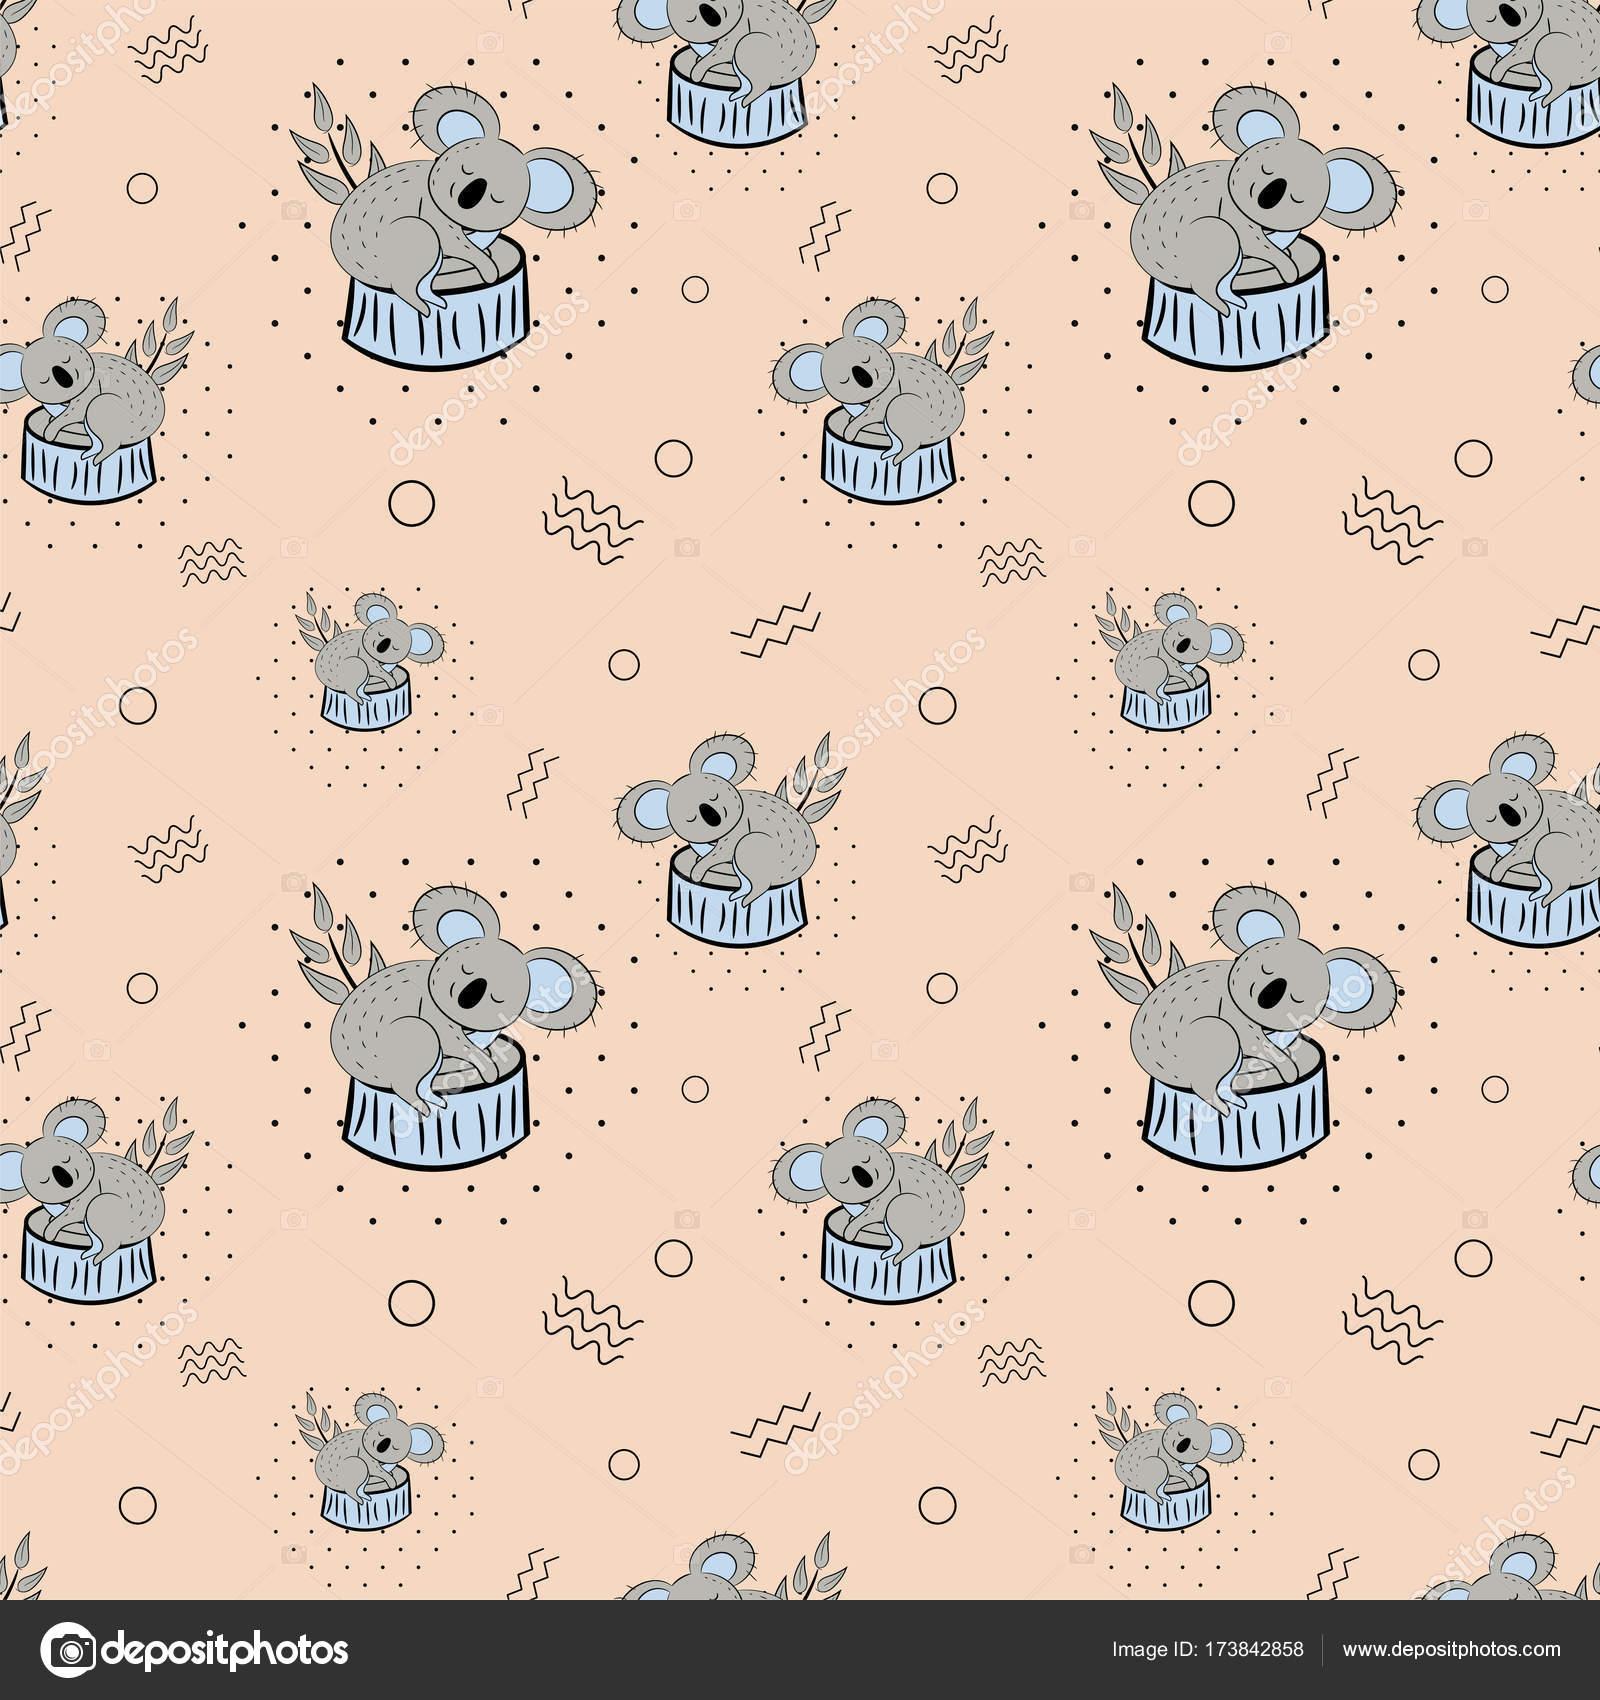 Modele Sans Couture De Doodle Koala Ours Mignon Fond De